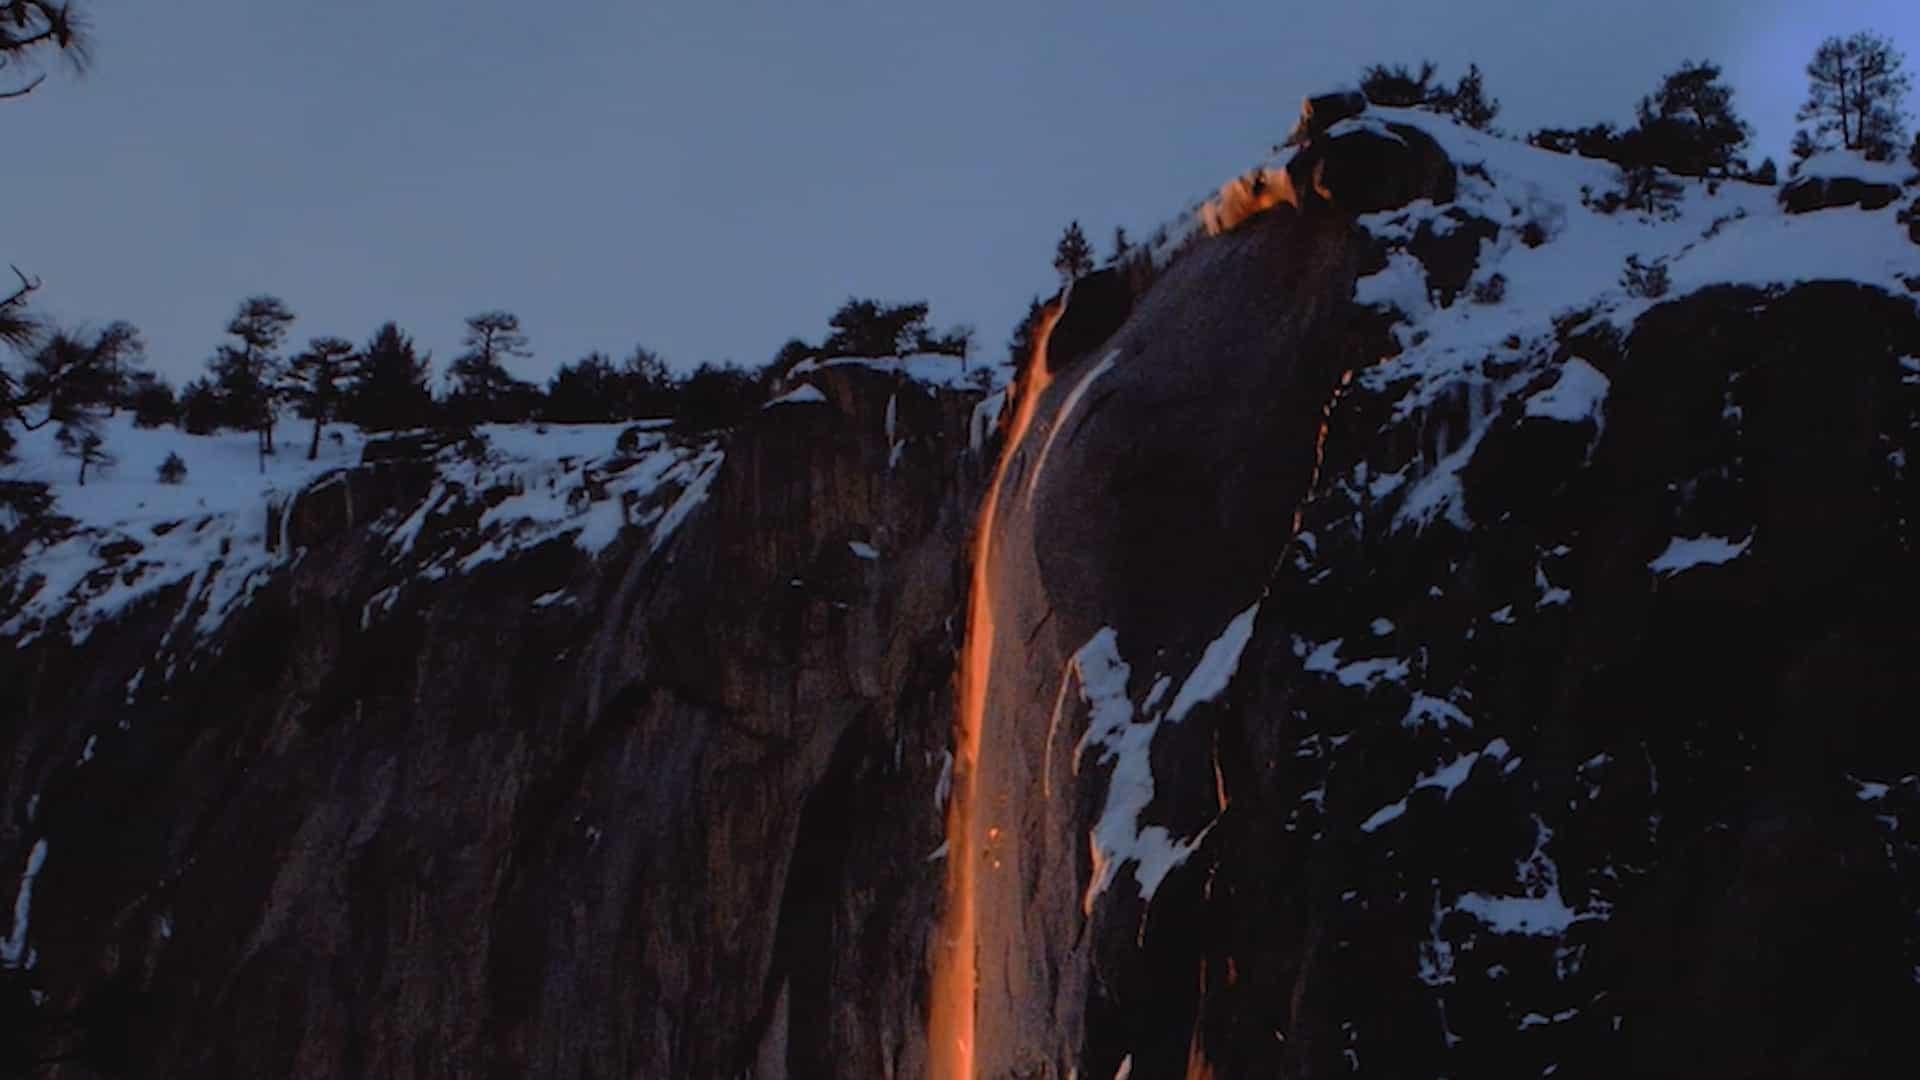 Já viu uma cascata em que a água parece feita de fogo?